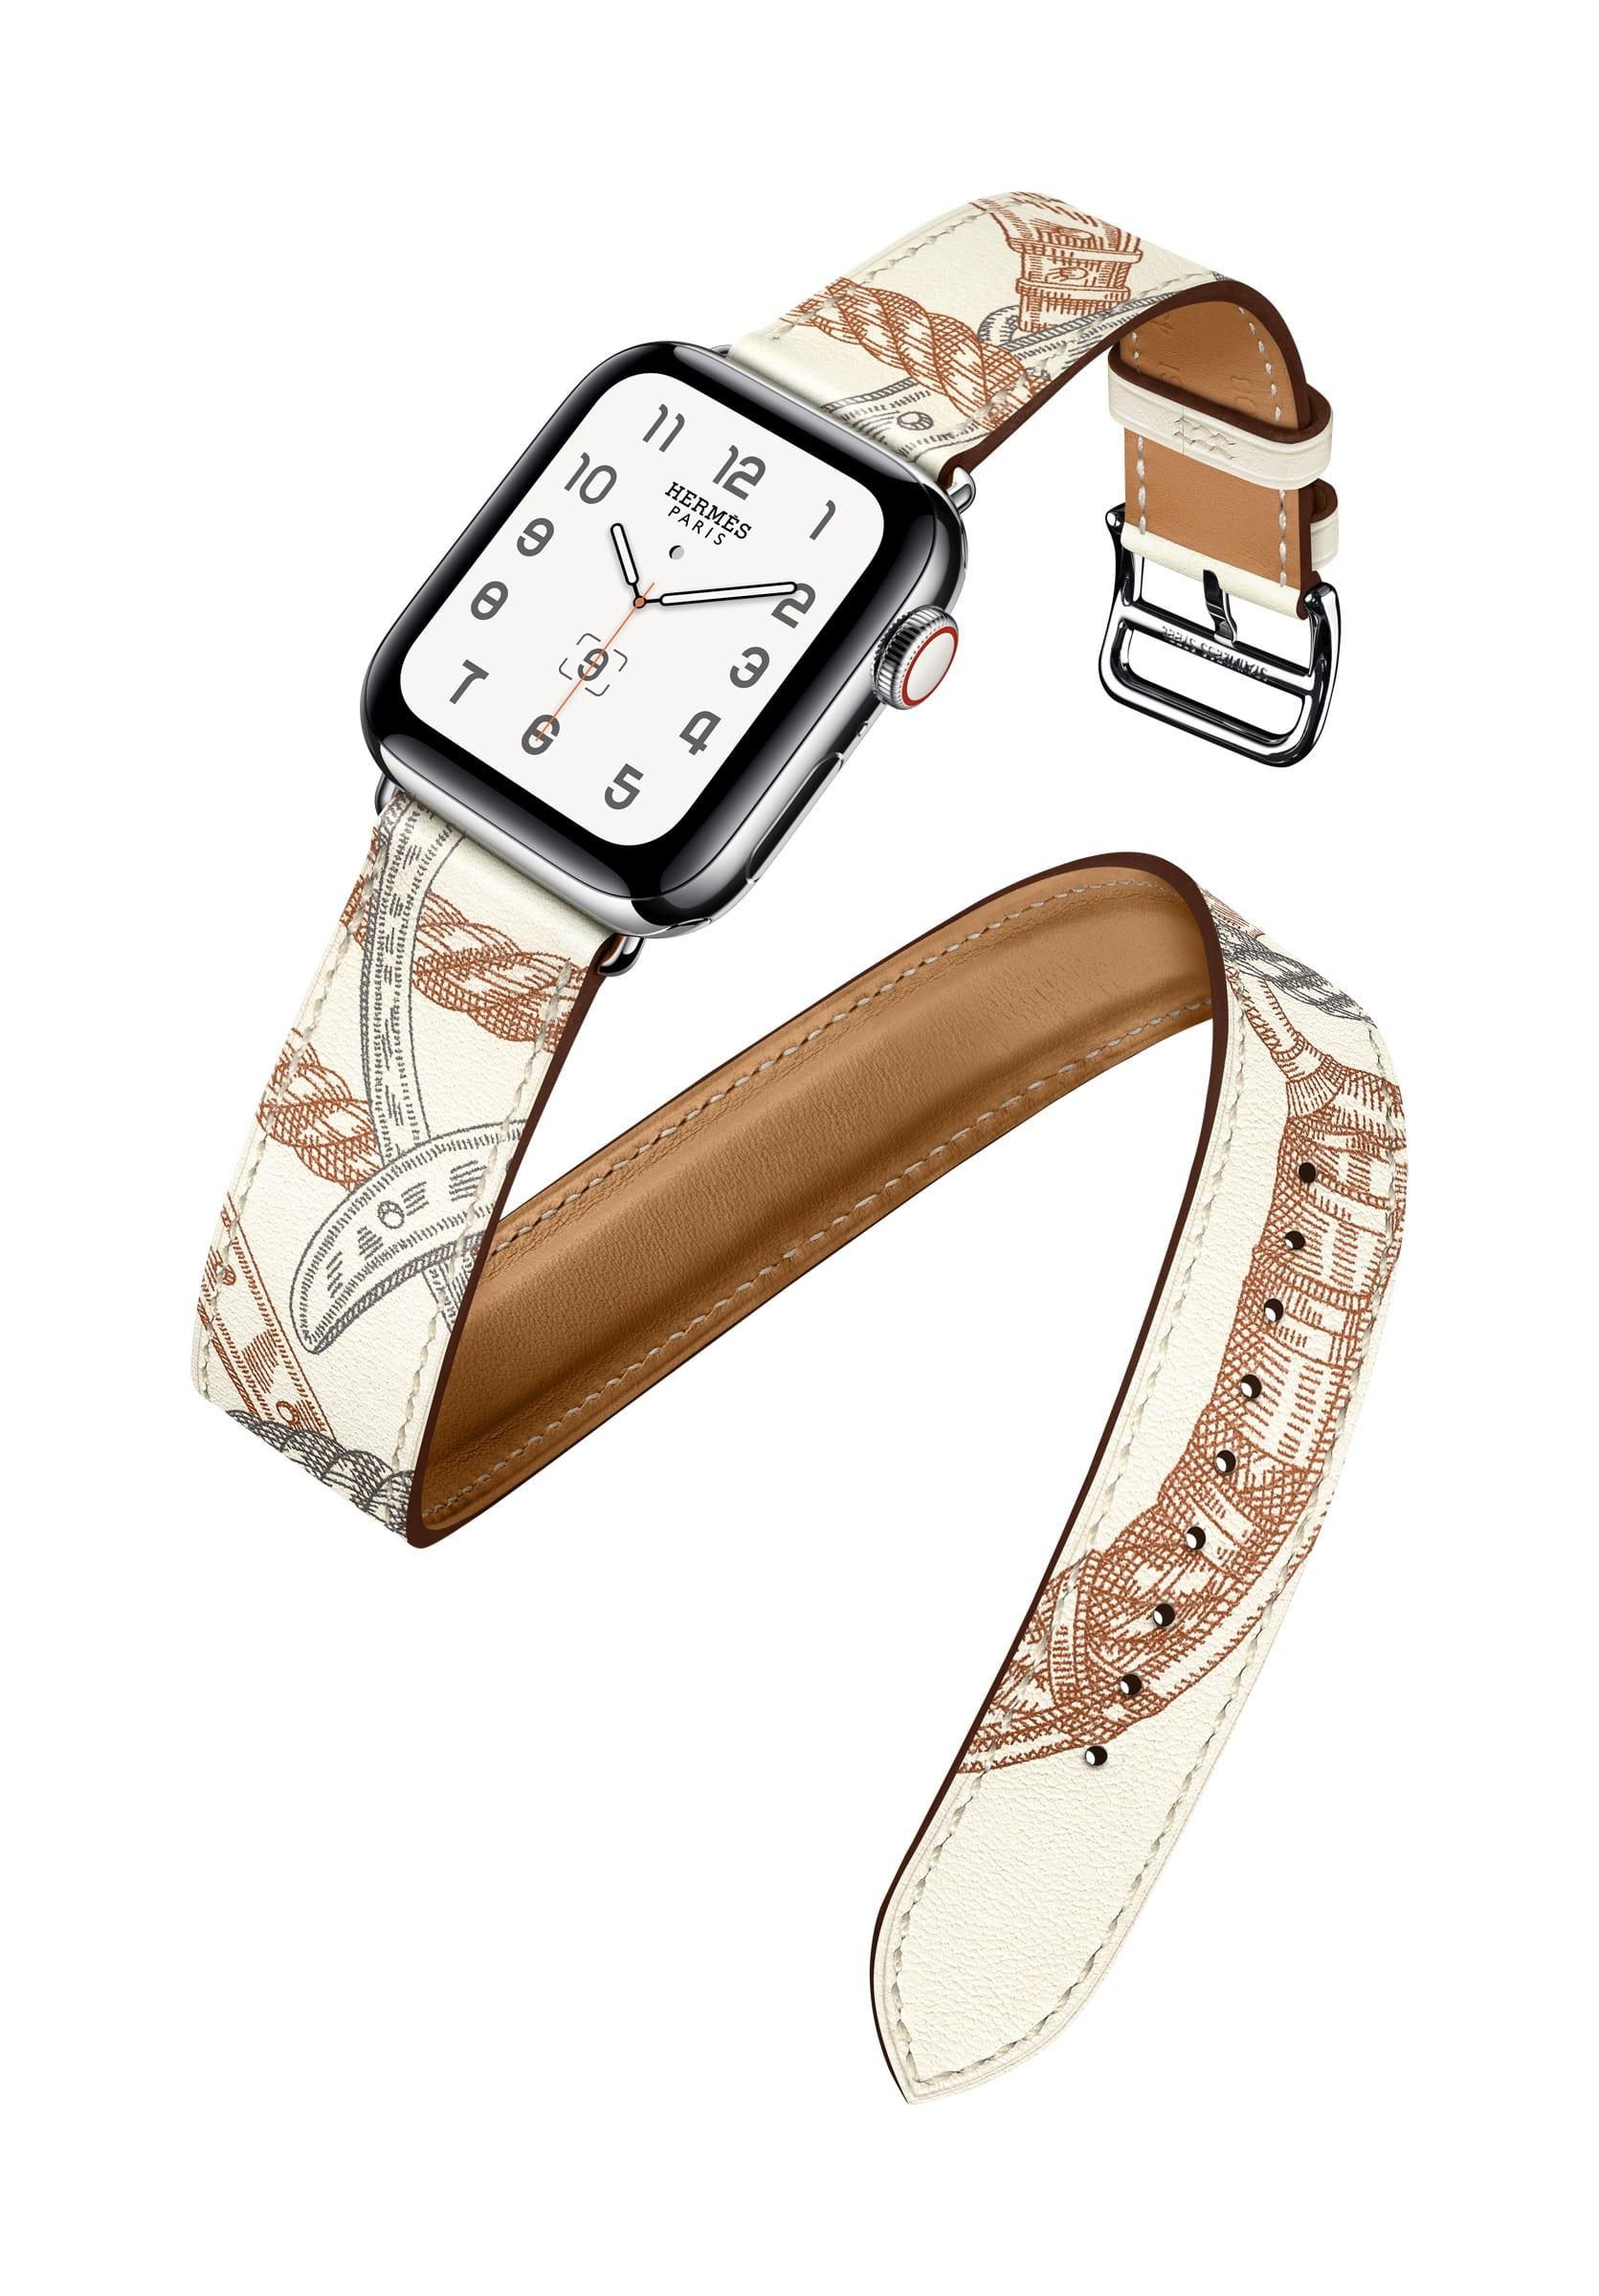 エルメス アップル ウオッチ エルメスのApple Watchはエルメス店舗でも実は買える!買ってみた感想と買うメリットは?